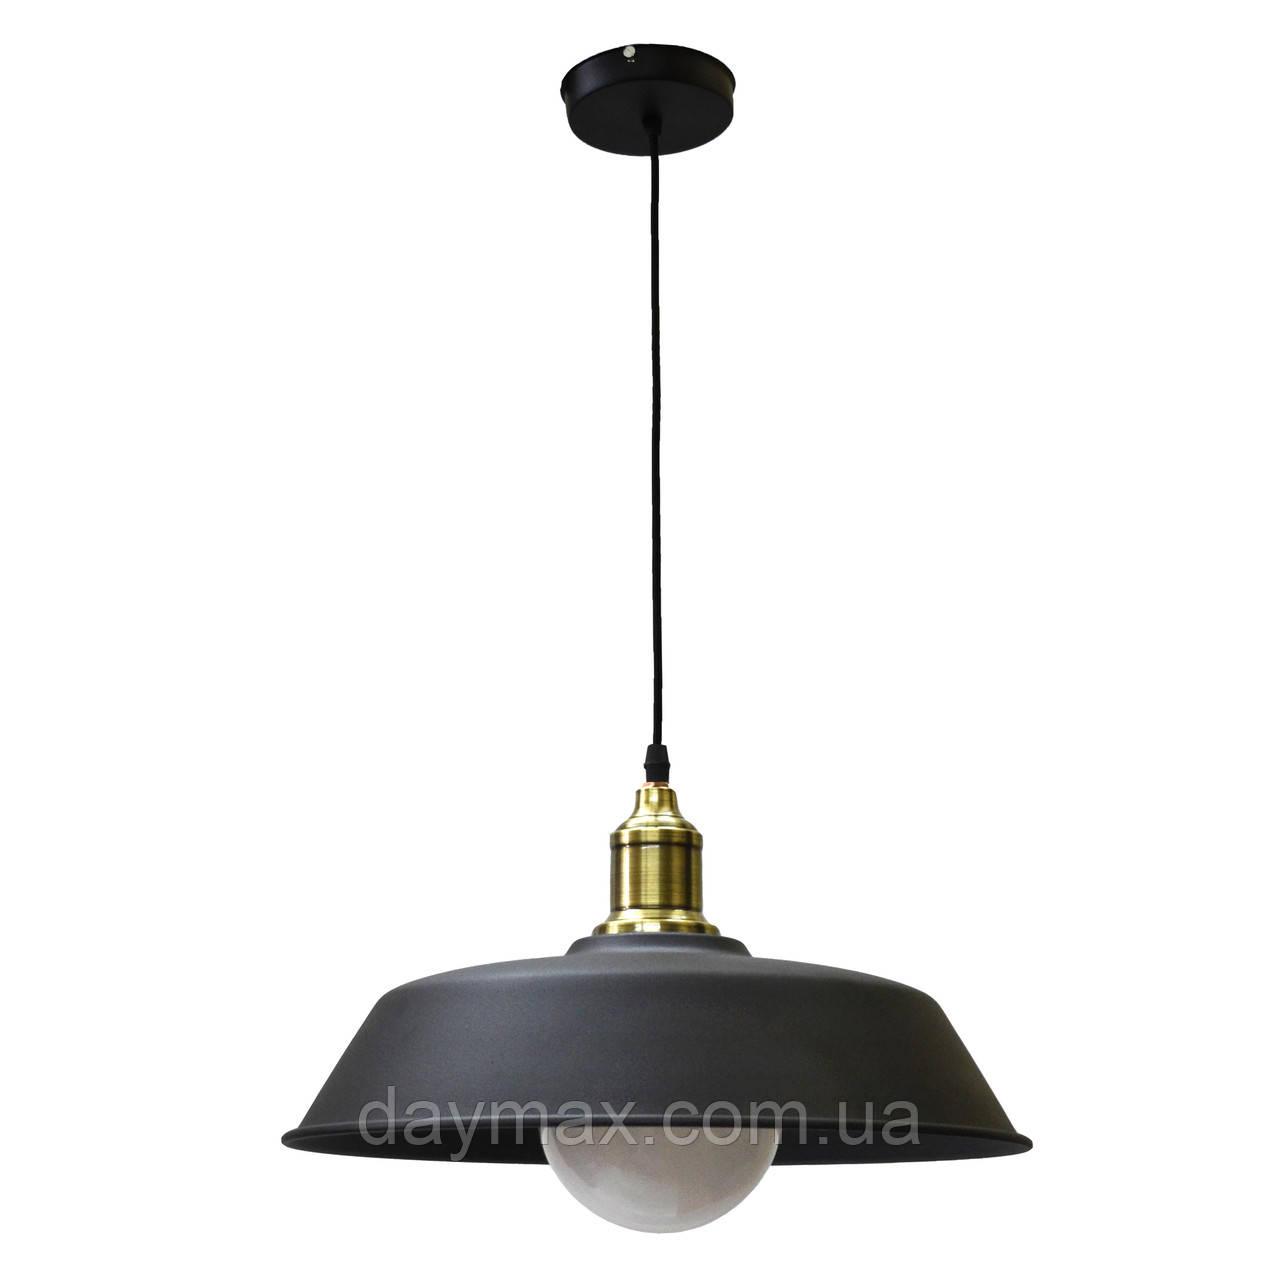 Світильник підвісний в стилі лофт LS 3600